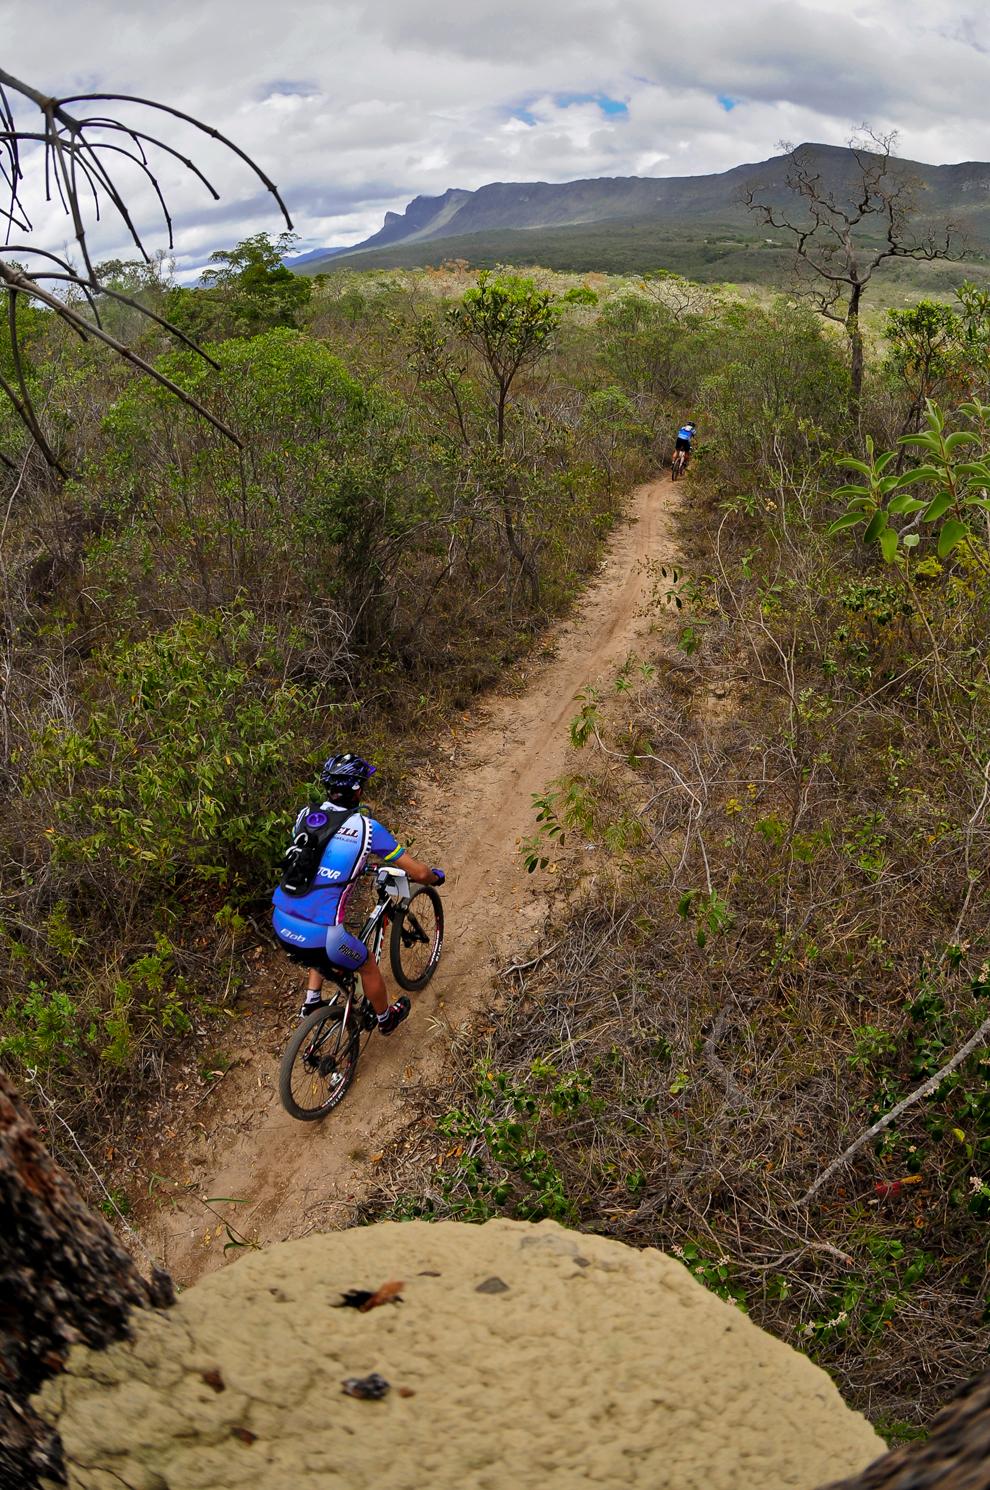 Ciclista avança por trilha em Mucugê, na Chapada Dimantina, na Bahia |  Alexandre Cappi/Brasil Ride